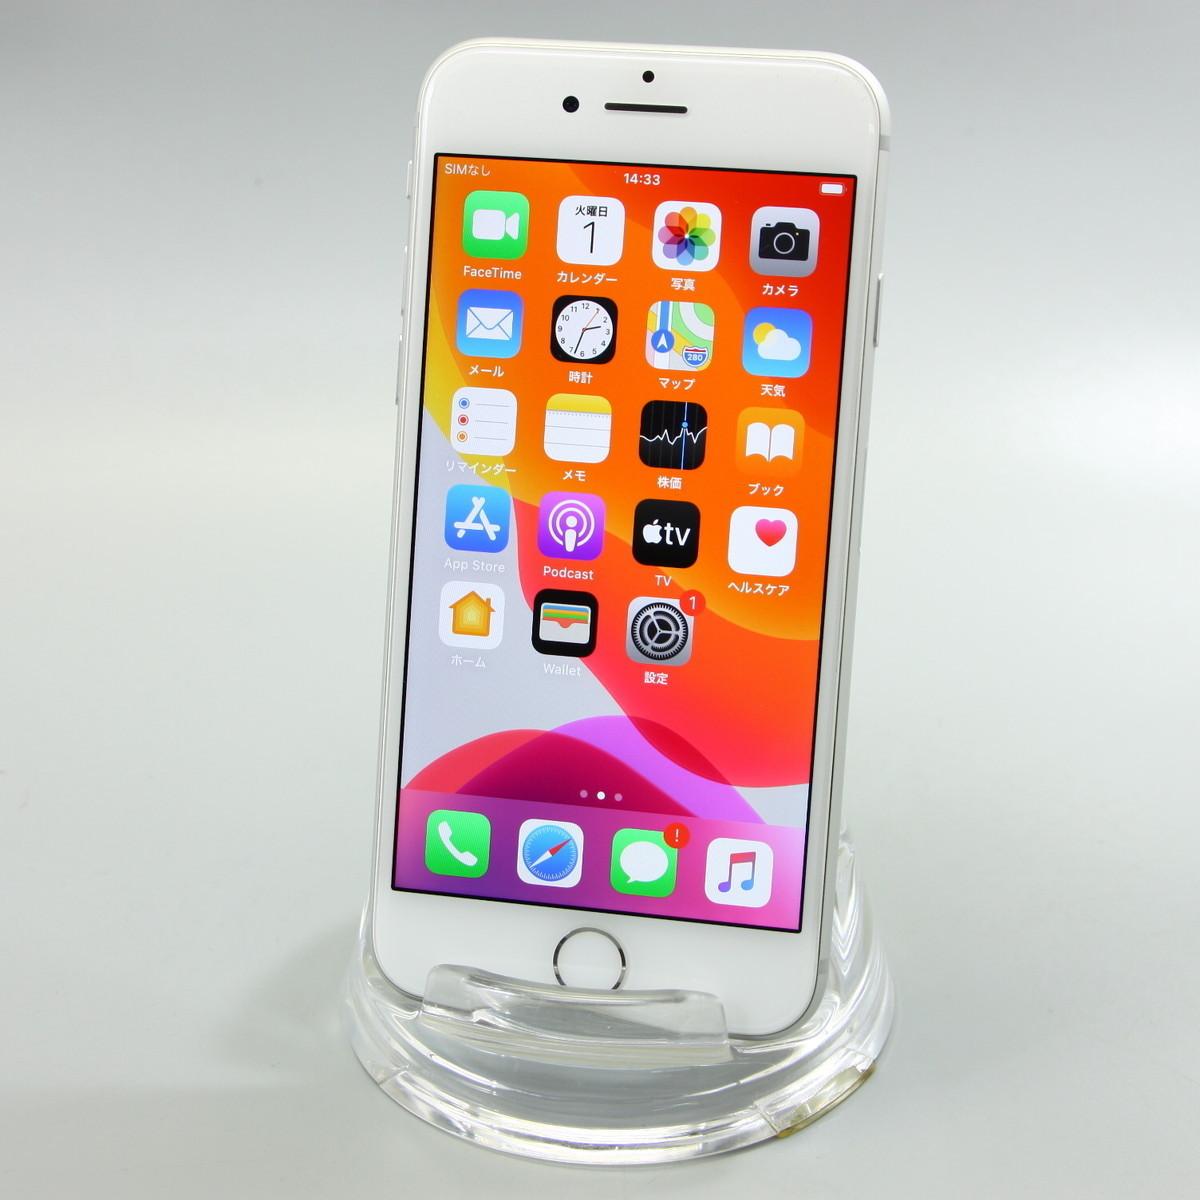 Apple iPhone8 64GB シルバー A1906 MQ792J/A バッテリ89%■ソフトバンク★Joshin5131【送料無料?1円】